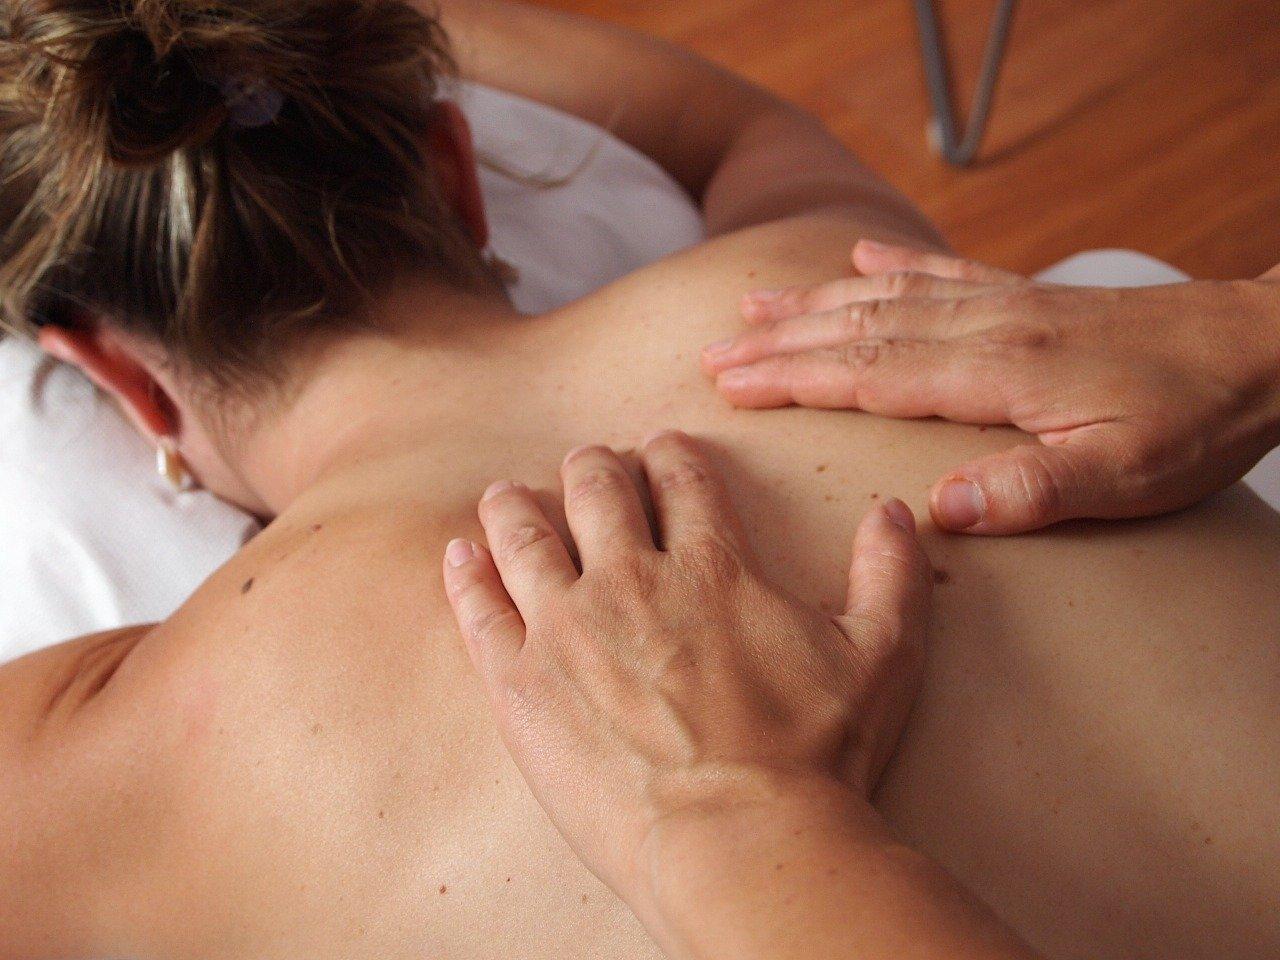 woman, hands, massage